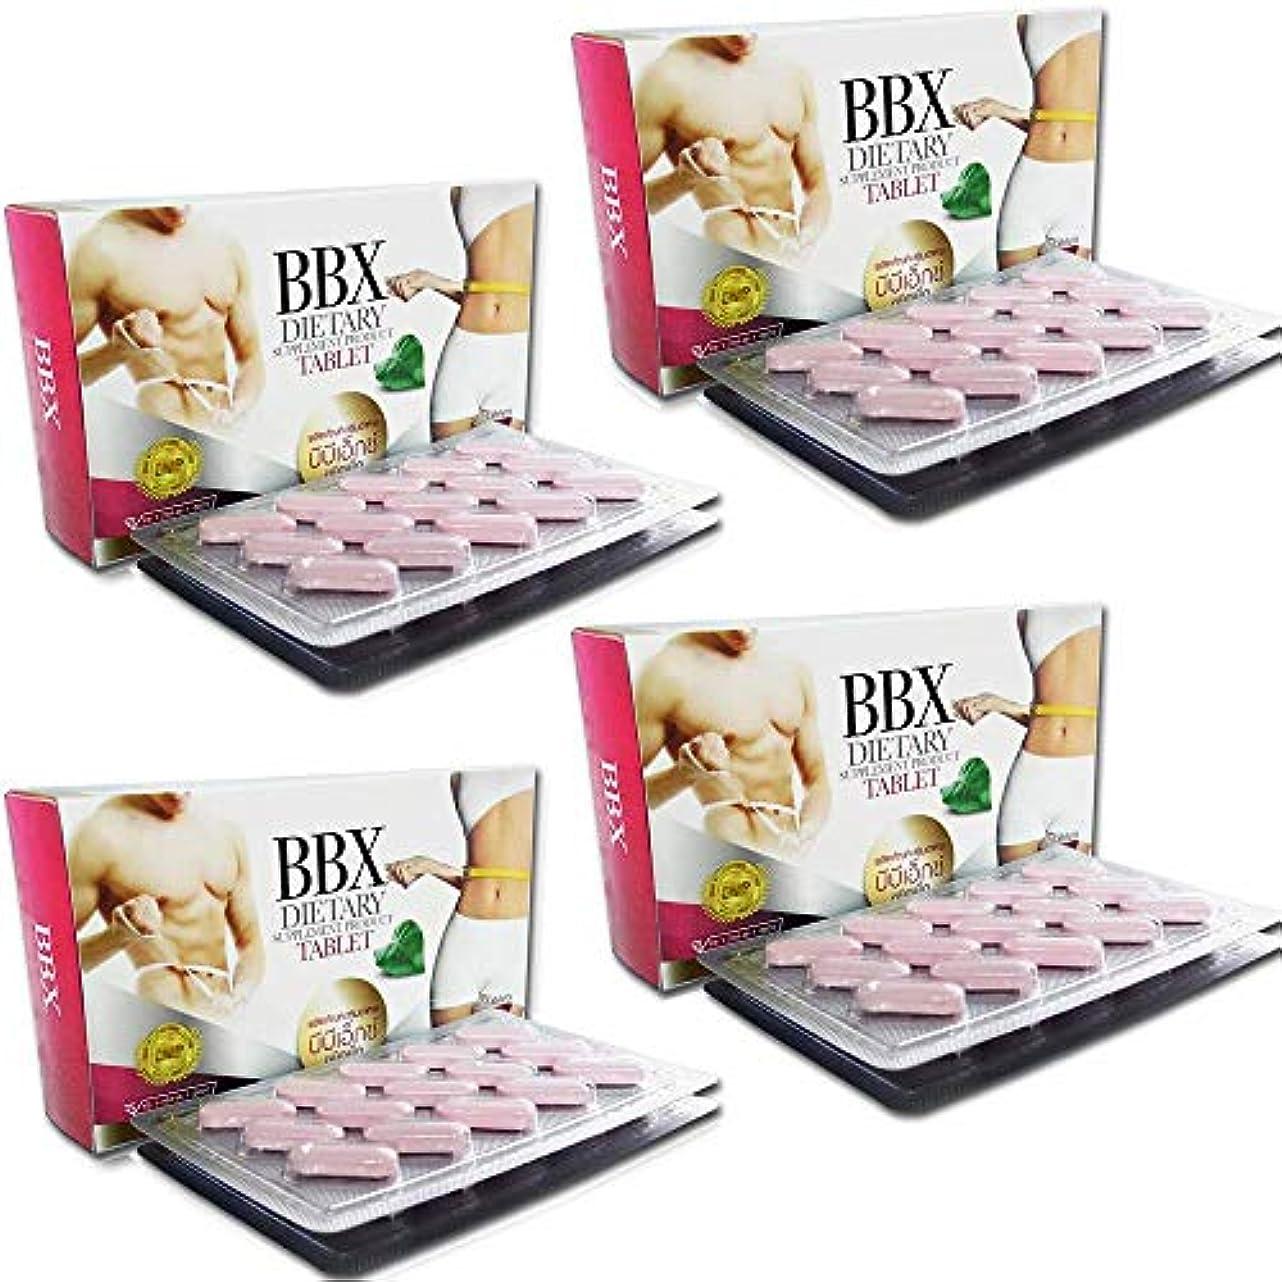 階検出する厳密にクリニックや医師が推奨するダイエットサプリBBX 公式パンフレット&説明書付き 4箱合計120錠